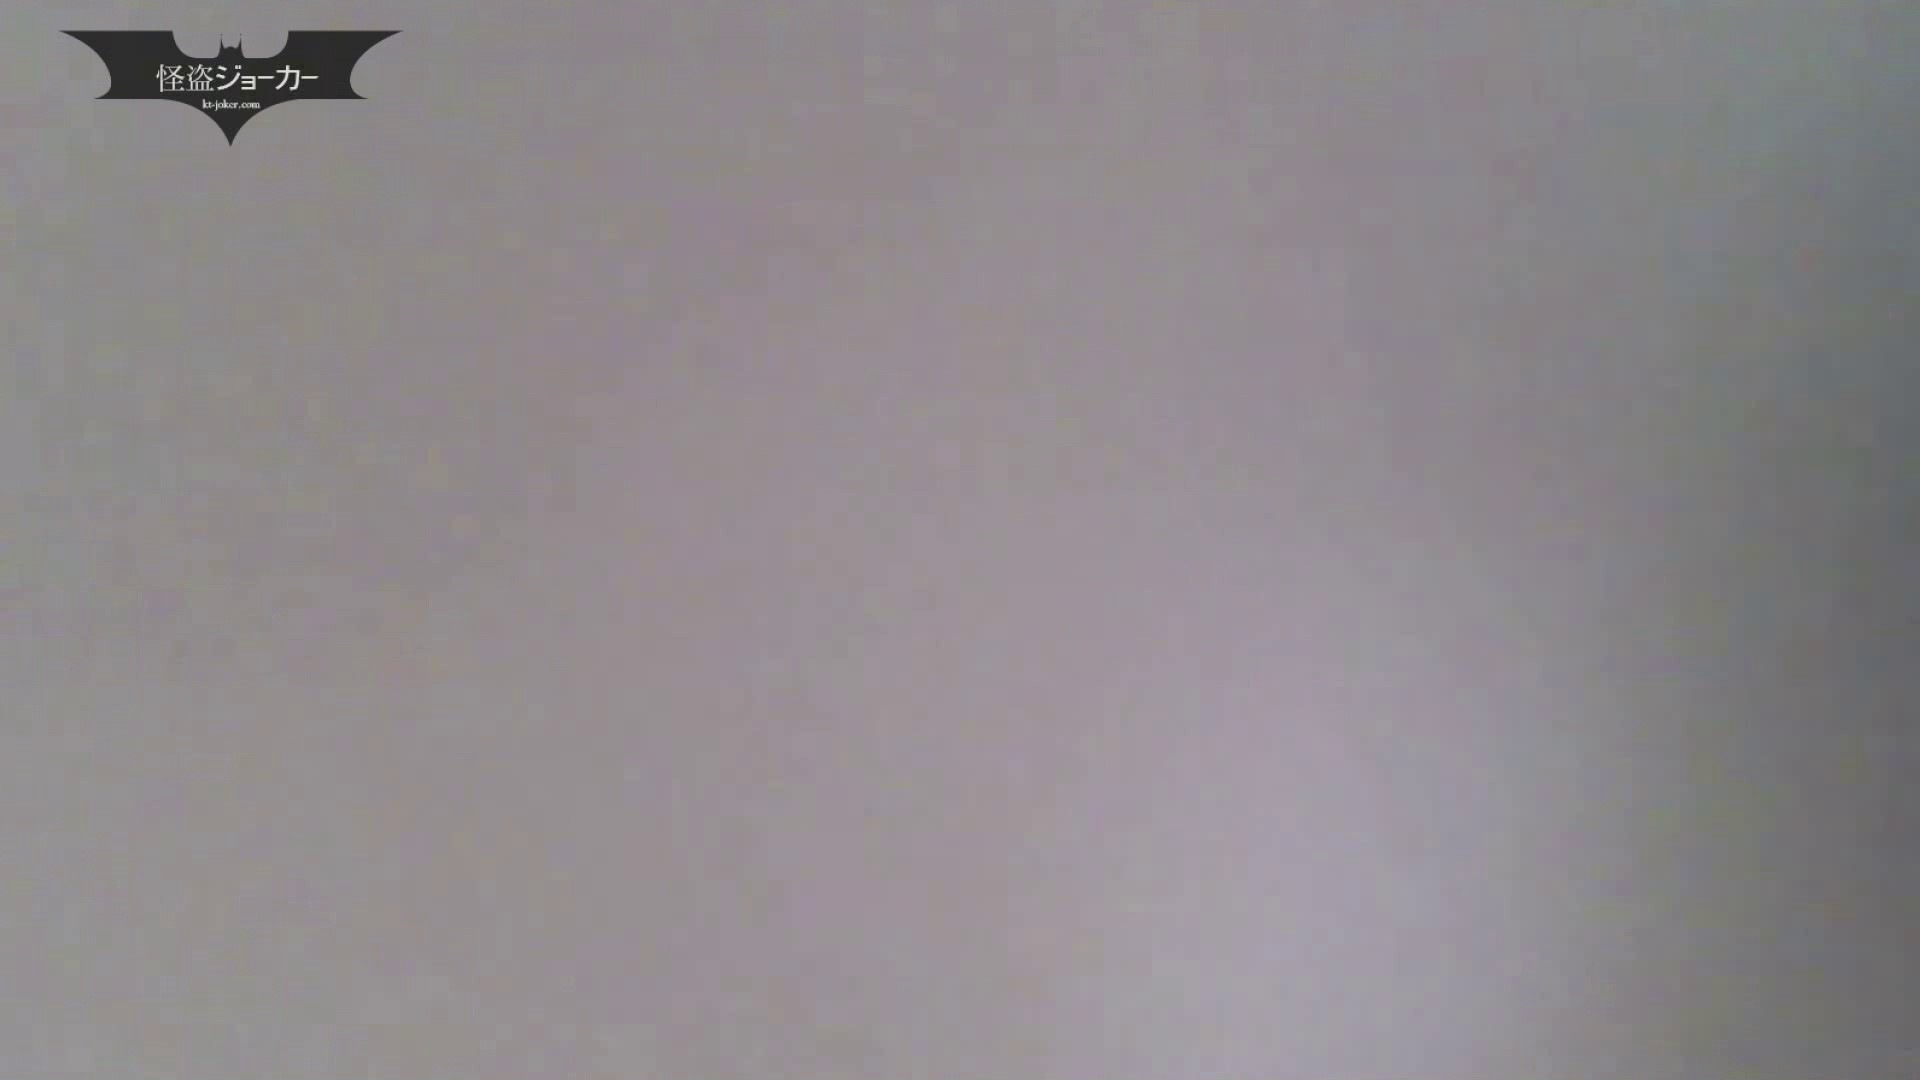 夏の思い出浜辺トイレ盗撮Vol.02 トイレで・・・ AV動画キャプチャ 94画像 93